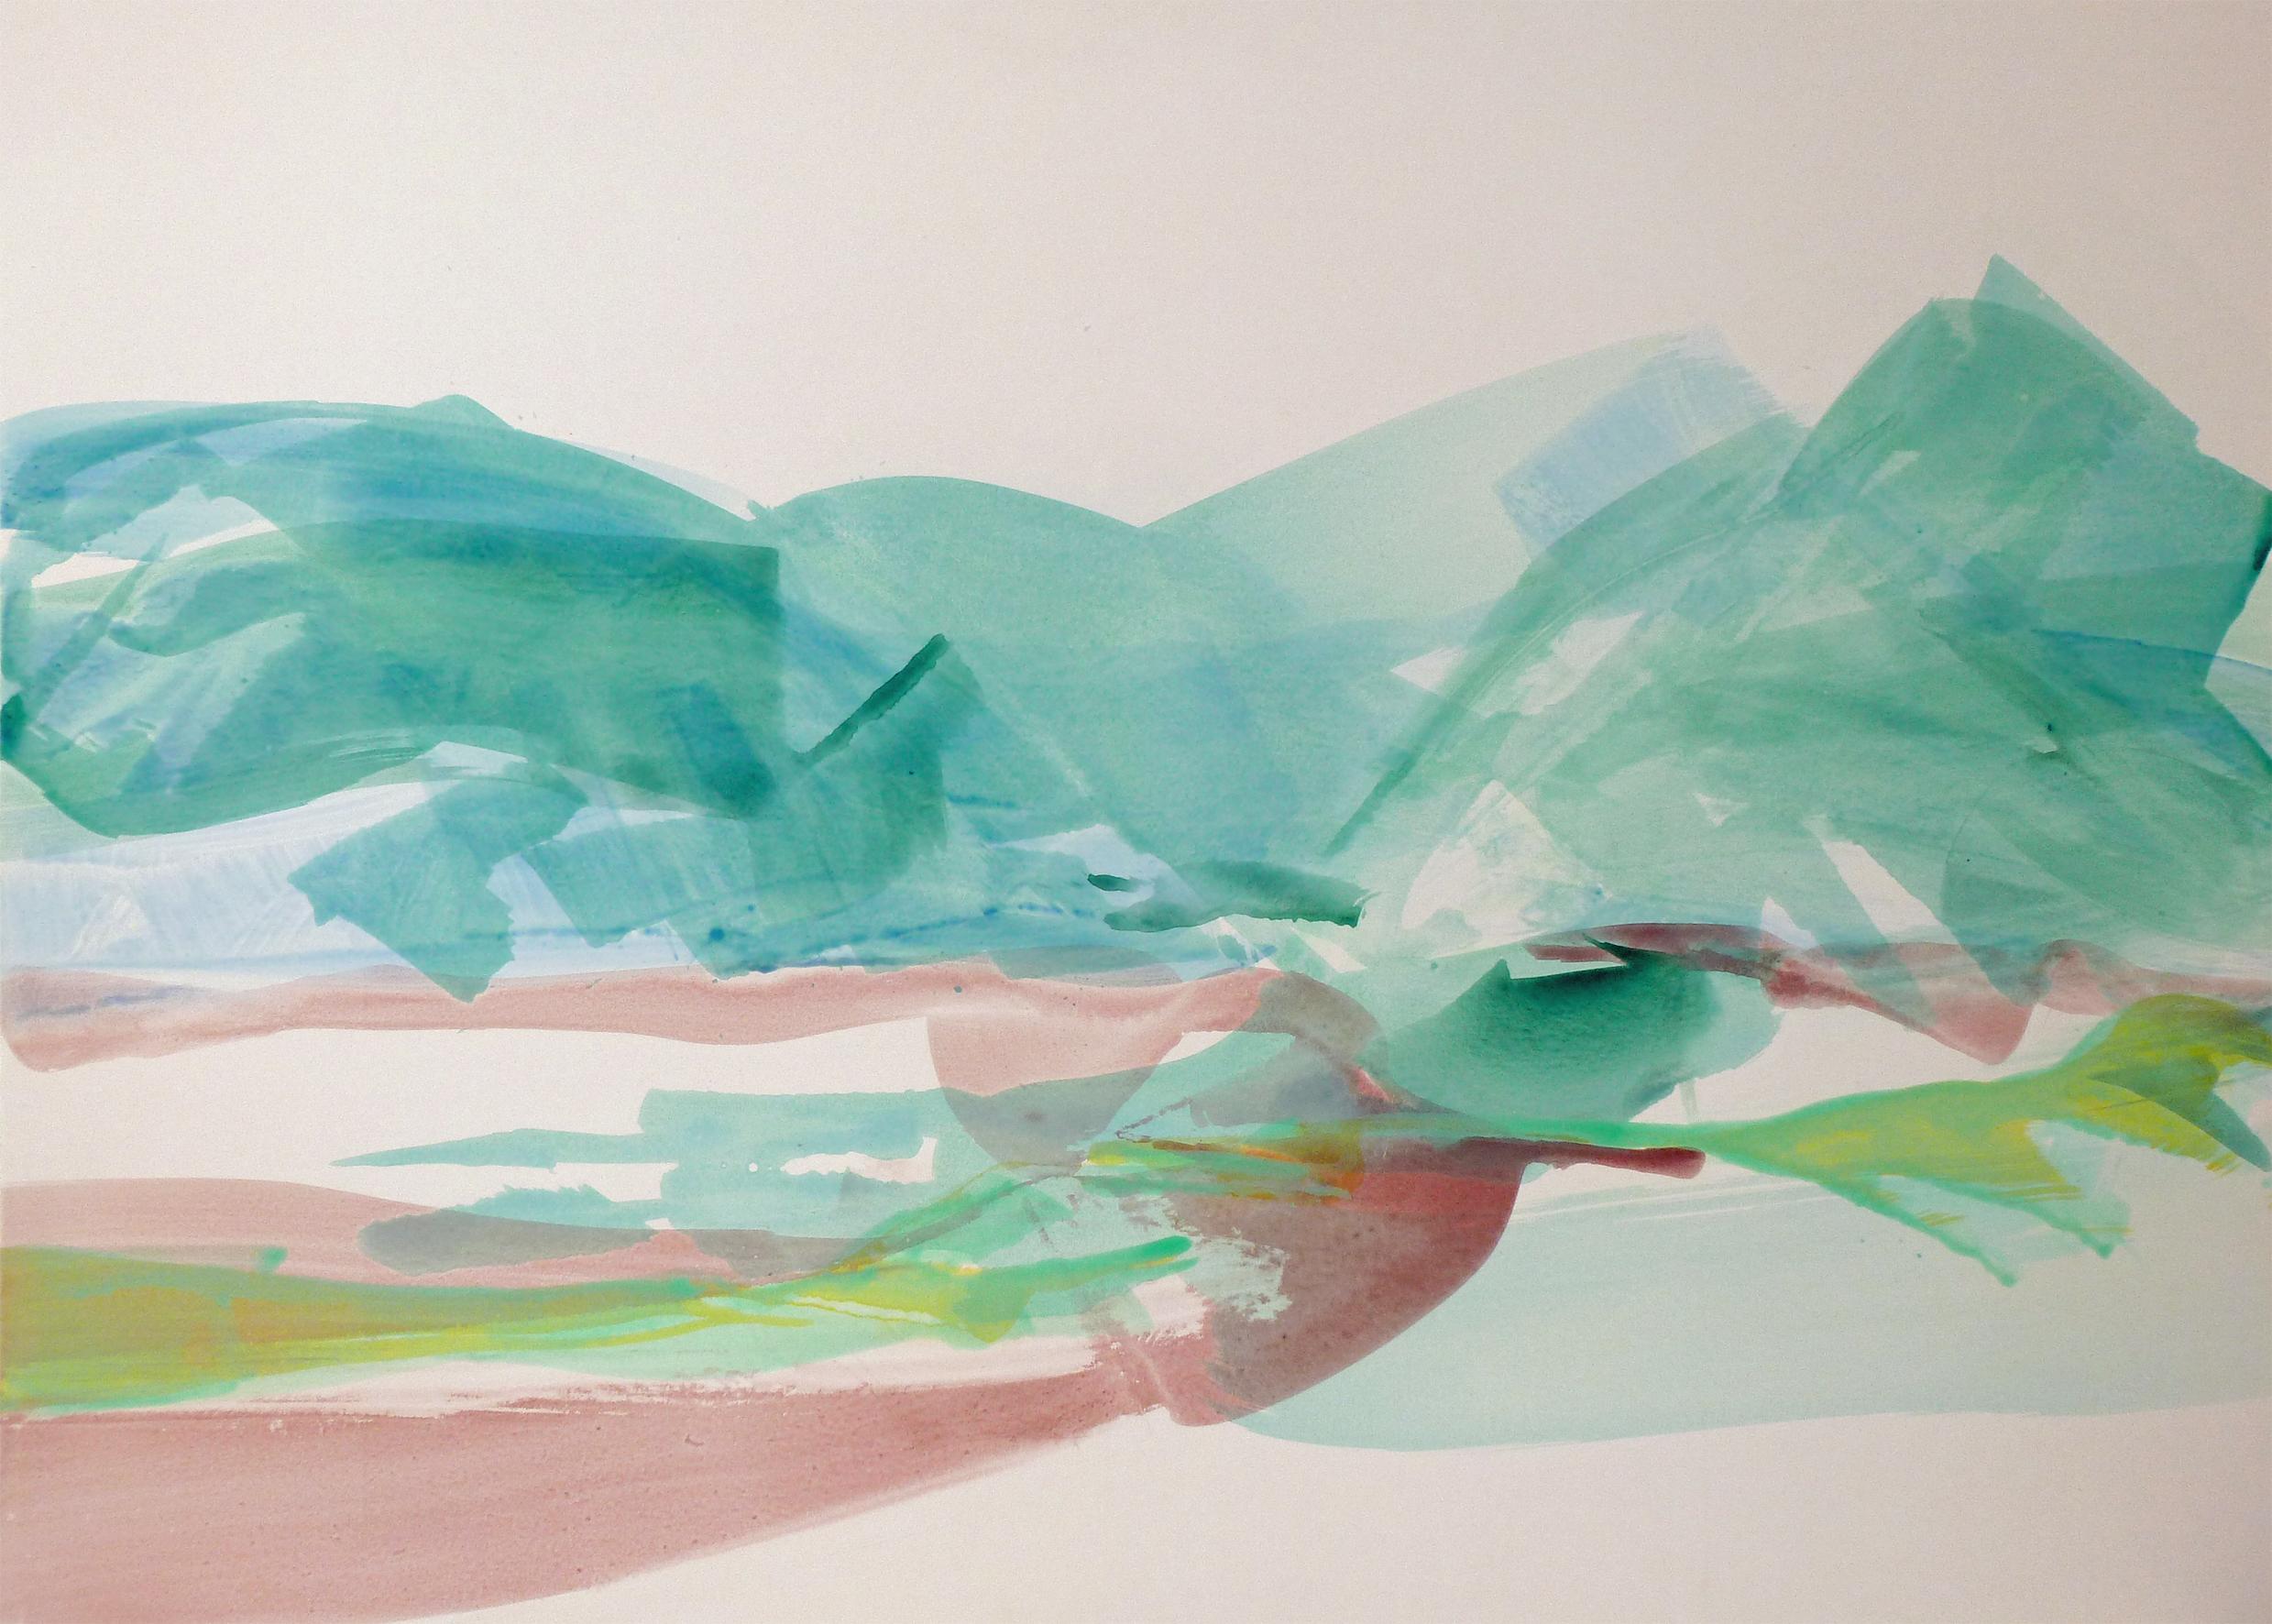 Lac du Bourget, 2011, Acryl auf Papier, 85 x 119 cm © Uta Weil, VG Bild-Kunst, Bonn